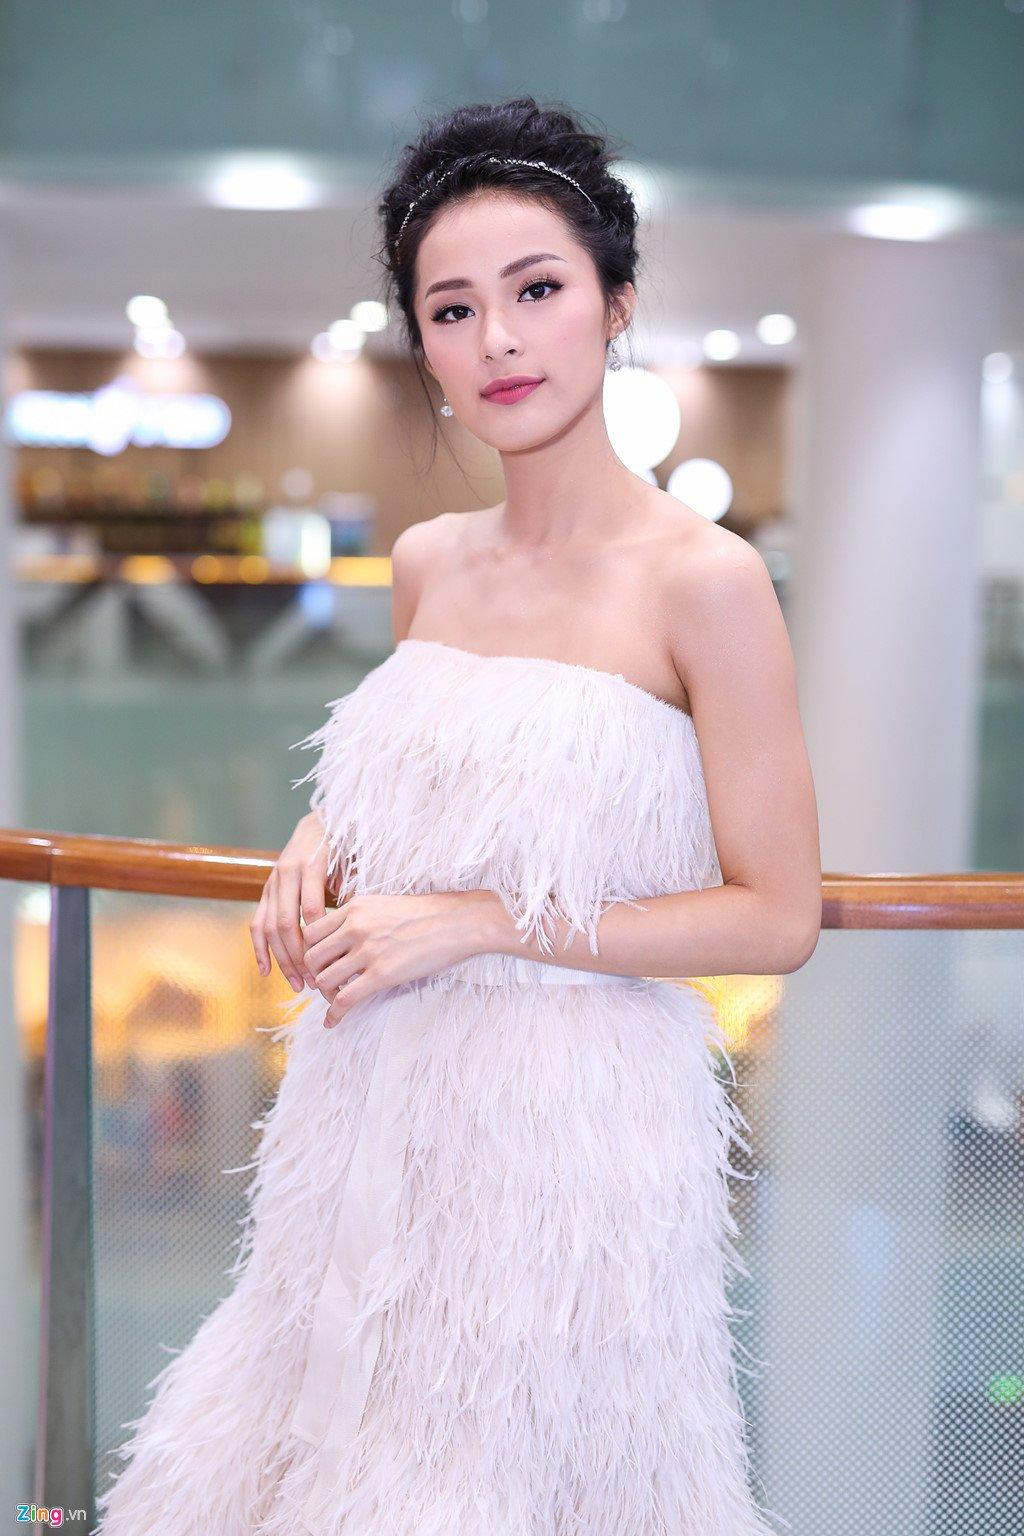 Cuong Do La va 5 moi tinh on ao voi nguoi dep trong showbiz Viet hinh anh 6